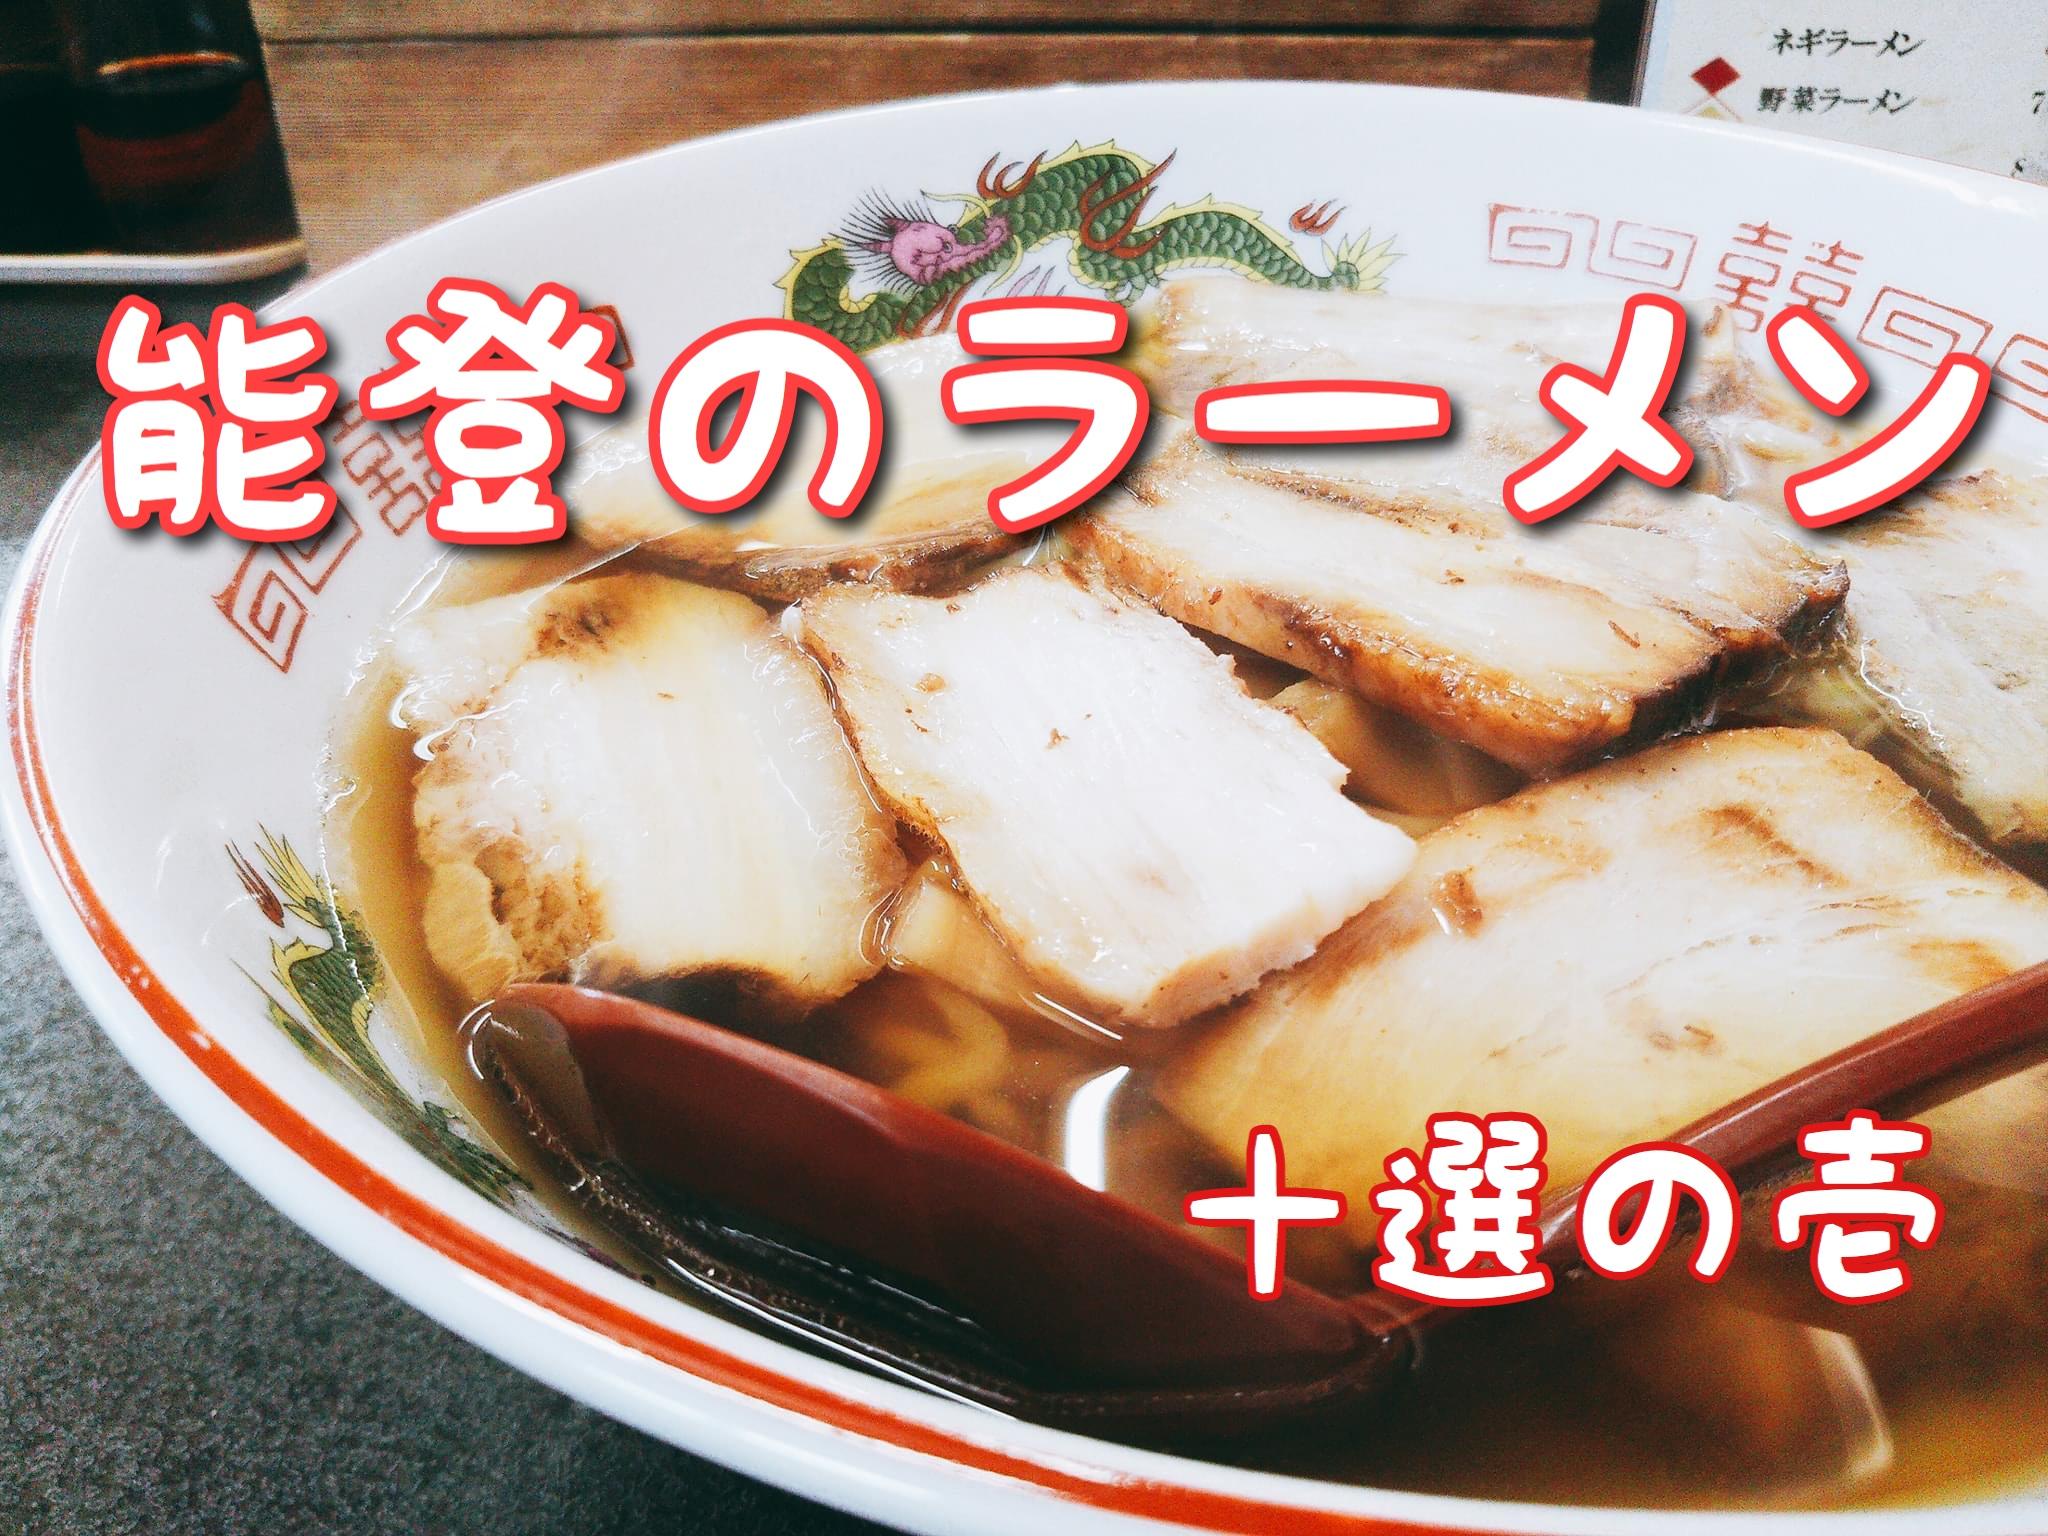 【ラーメンが楽しめるお店10選】能登でラーメンを食べるなら!Part1